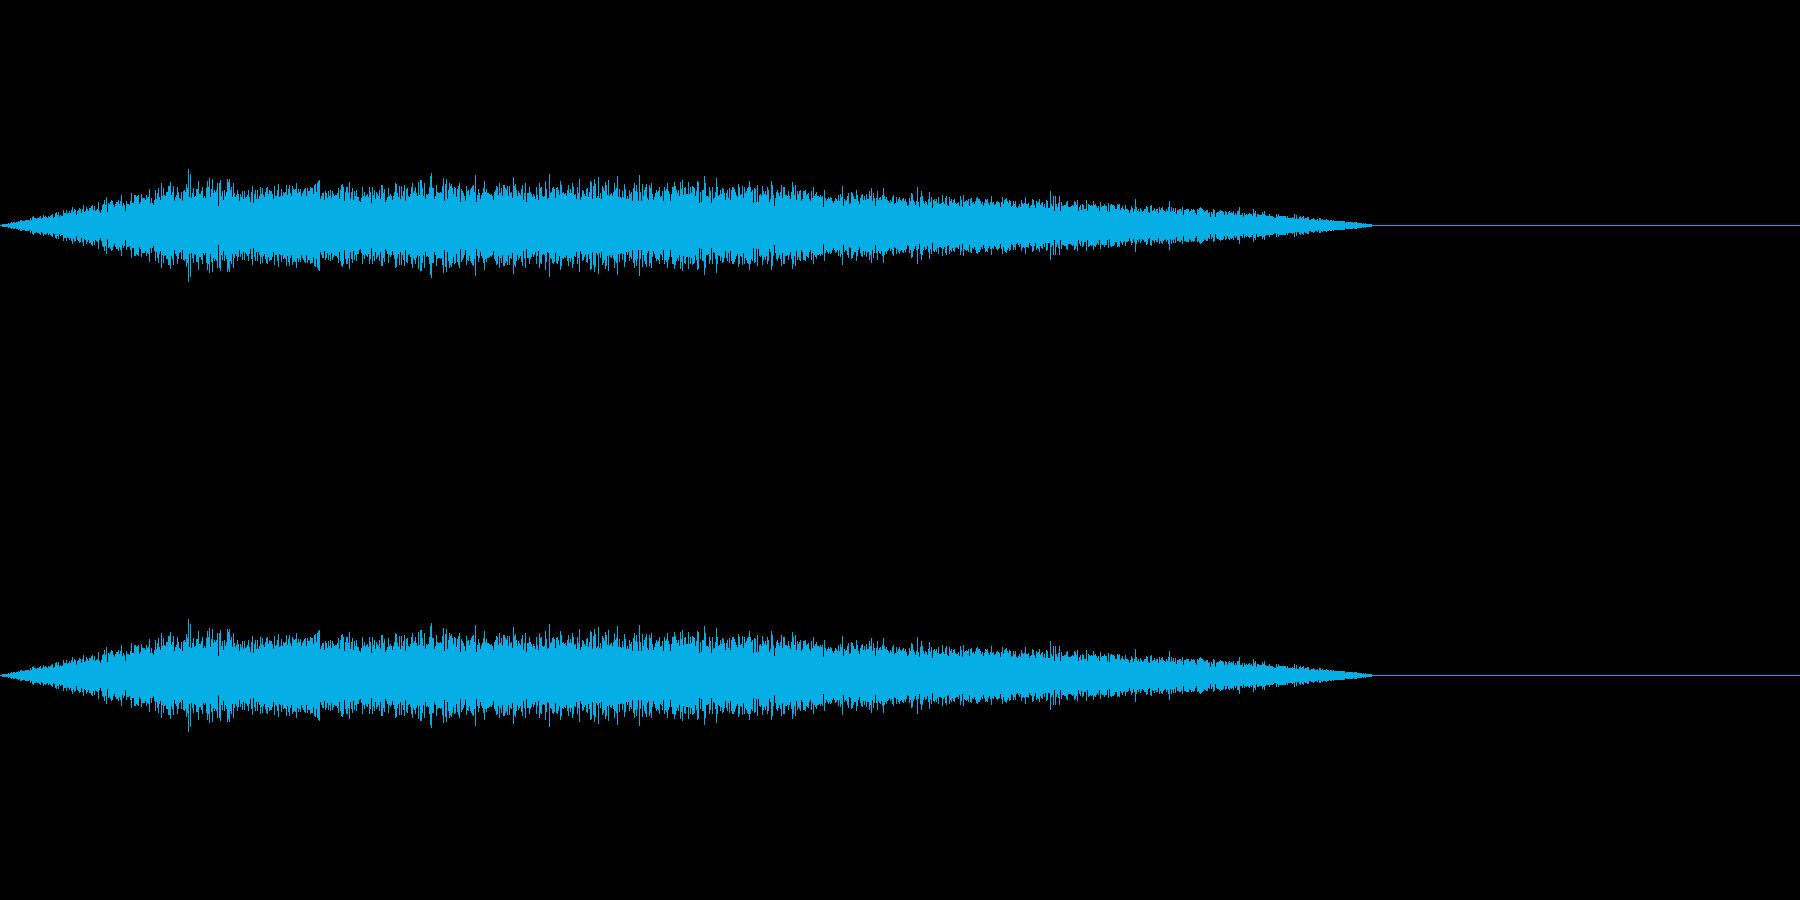 ゲームやアニメに良くある魔法詠唱の効果音の再生済みの波形